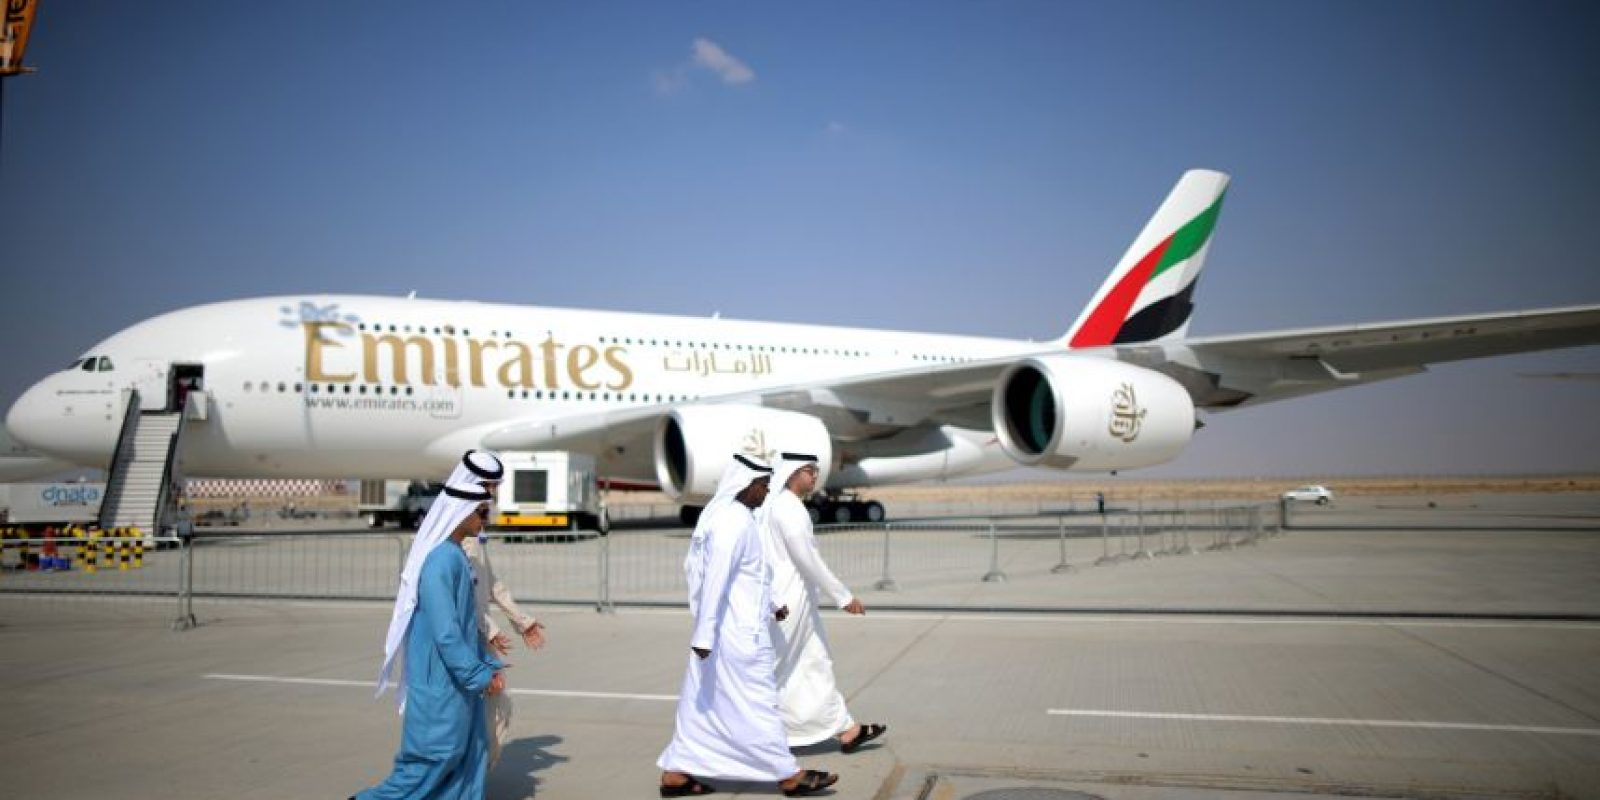 Las empresas que son dueñas de este avión incluyen compañías europeas y asiáticas. Foto:Getty Images